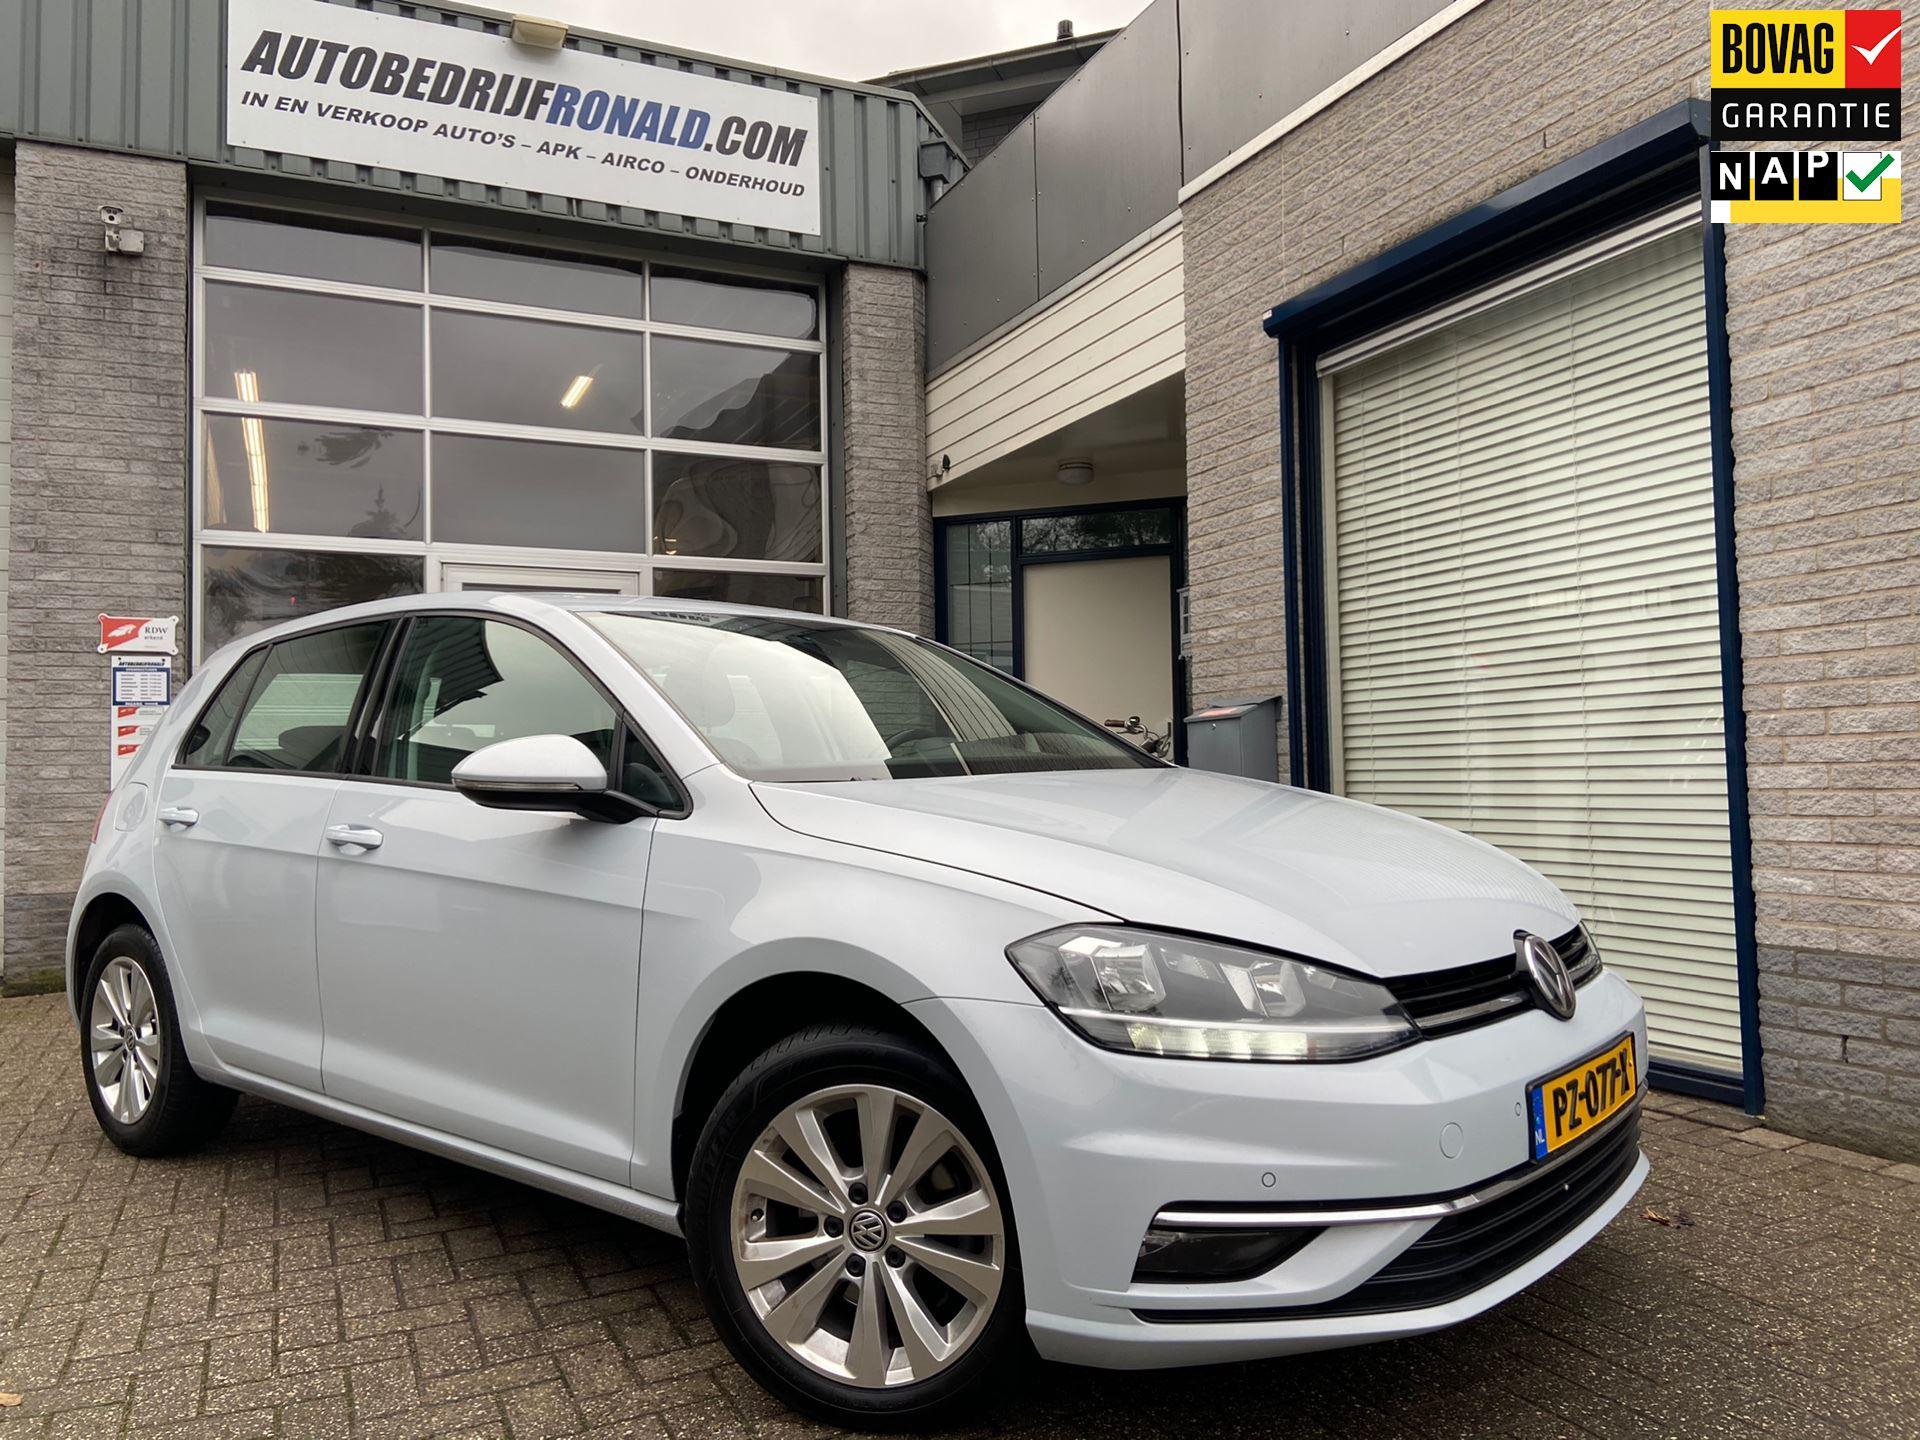 Volkswagen Golf occasion - Autobedrijf Ronald